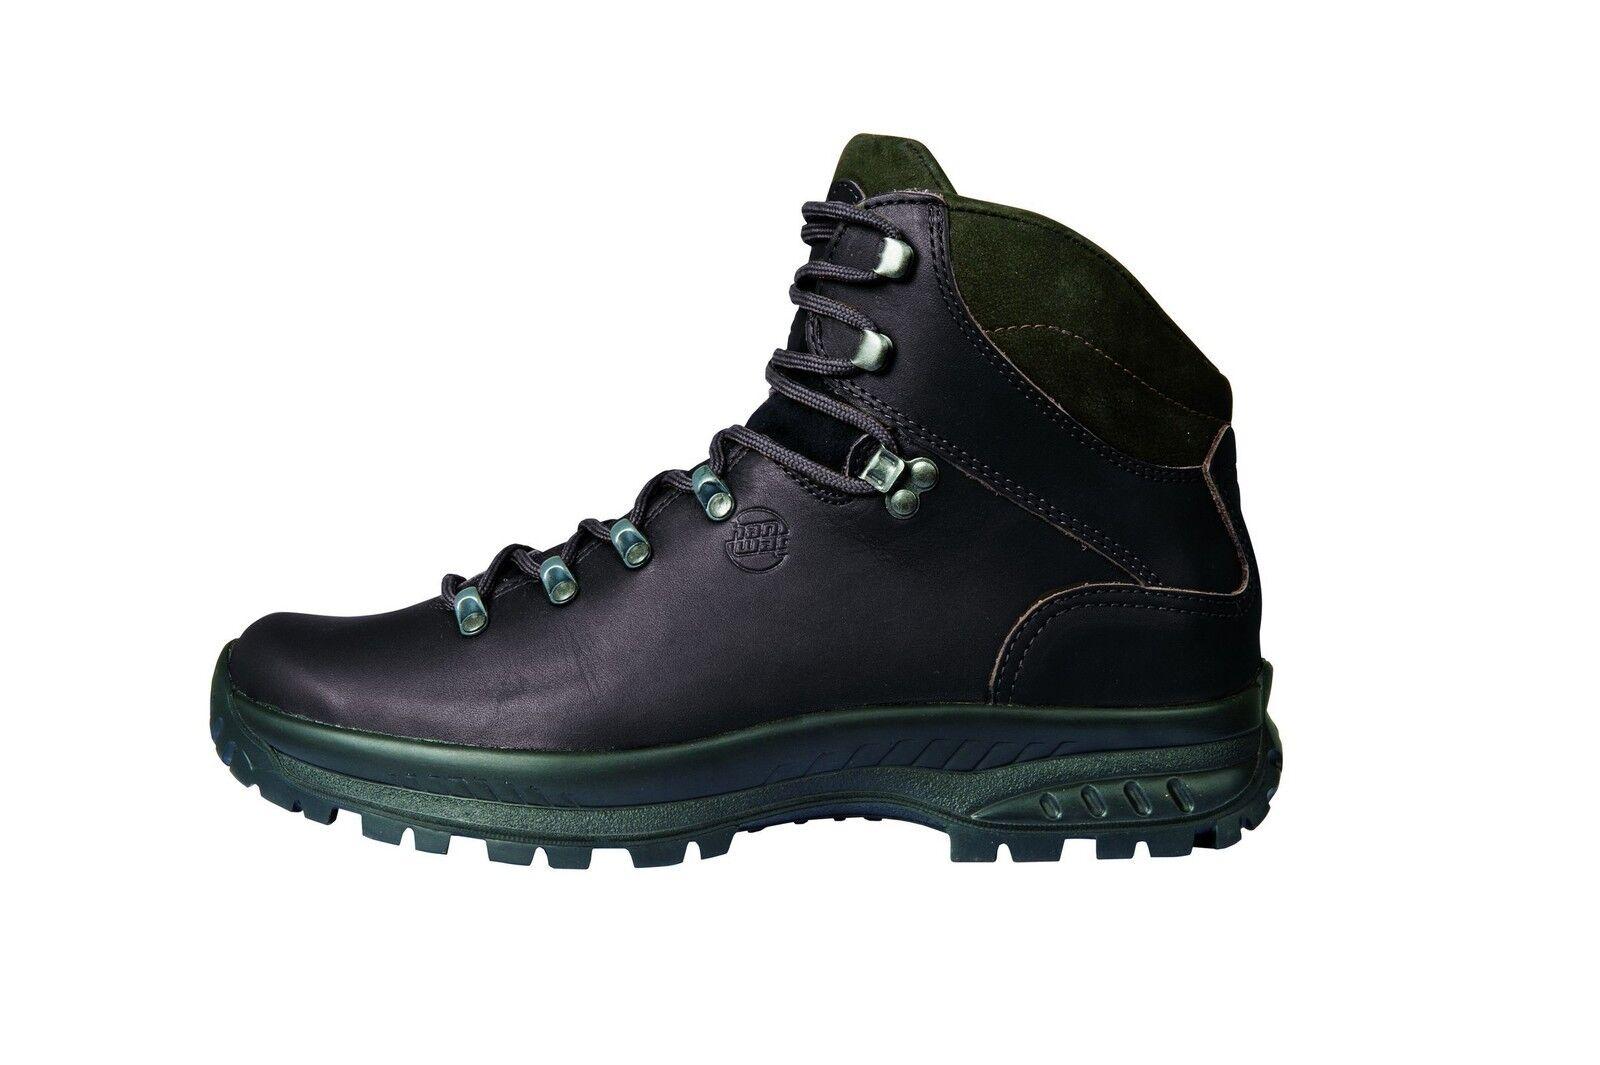 Hanwag Zapatos de Montaña  Waxenstein Bio Tamaño 7,5-41,5 Mocca  orden ahora disfrutar de gran descuento